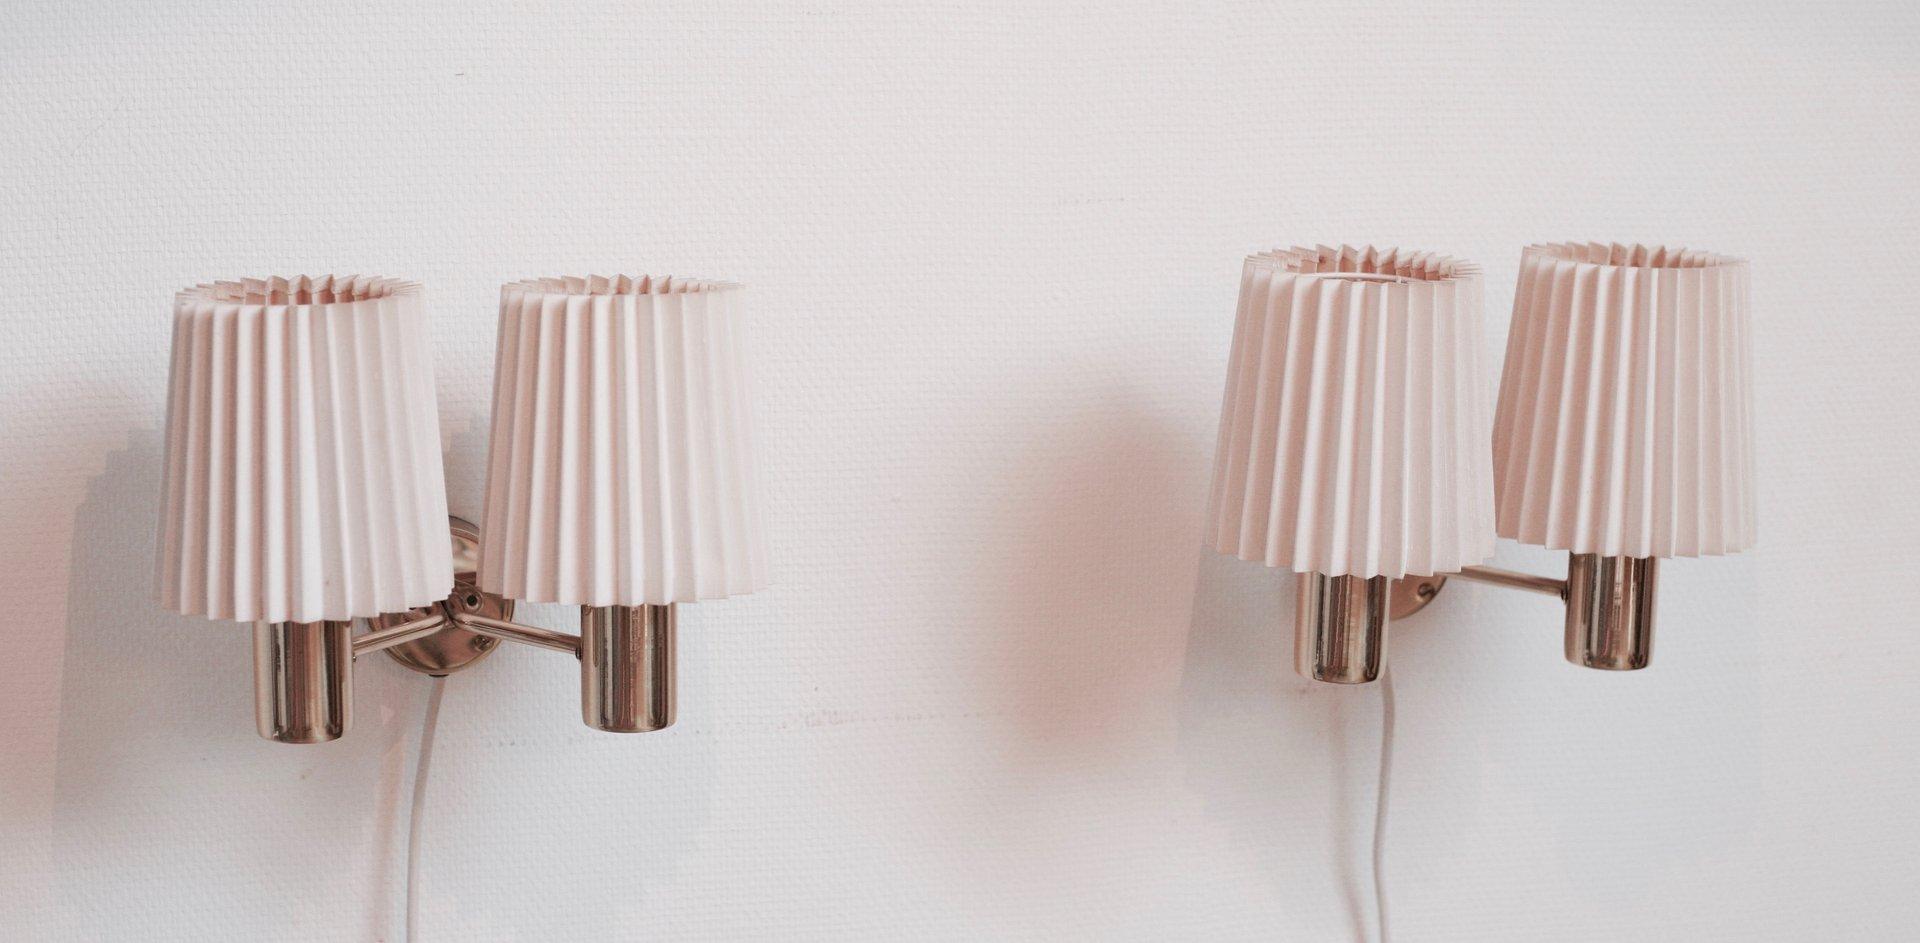 149/2 PL Sonett Wandlampen von Hans Agne Jakobsson, 2er Set